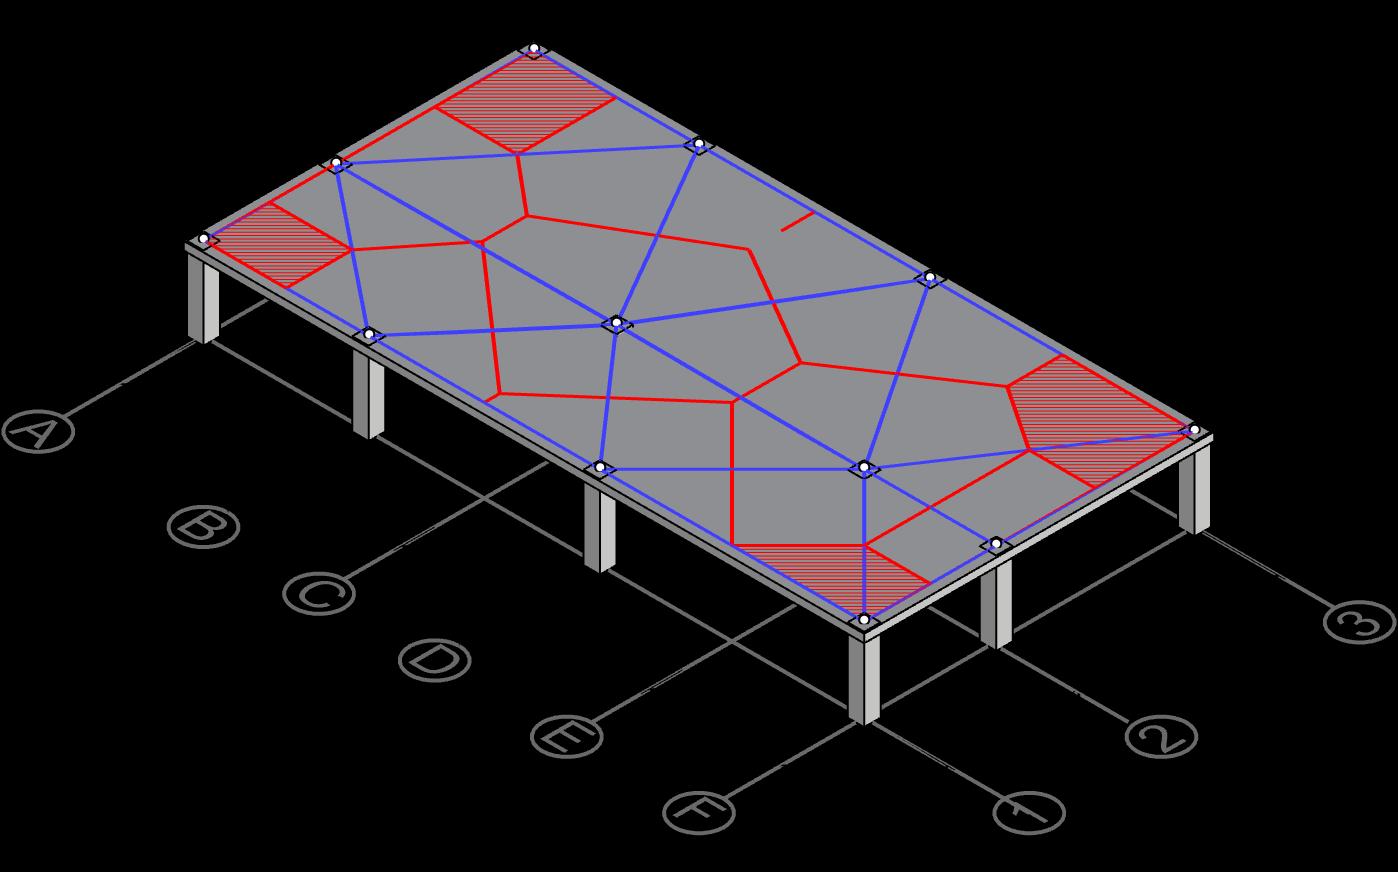 Derive centerline polygon for column A-1, A-3, F-1 and F-3